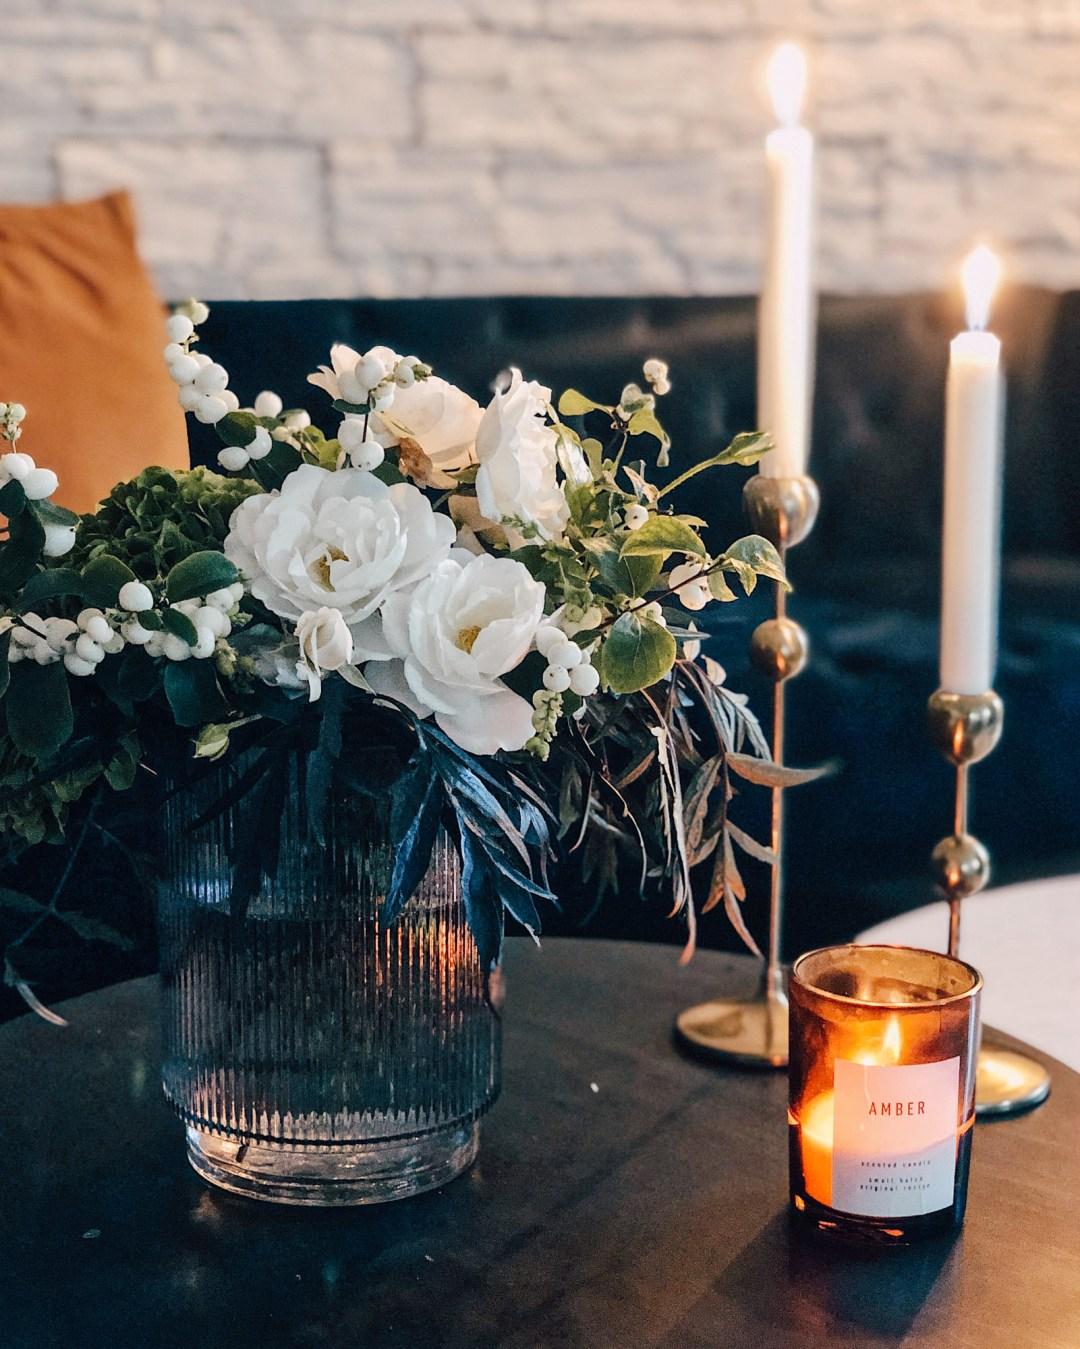 Inastil, Blumenliebe, Blumenstrauß, Dekoration, Blumendekoration, DIY, Gartenblumen, Rosen, Wiesenblumen, Blumenvasen, Homedecor, Dekoration Solebenwir, Daheim-12